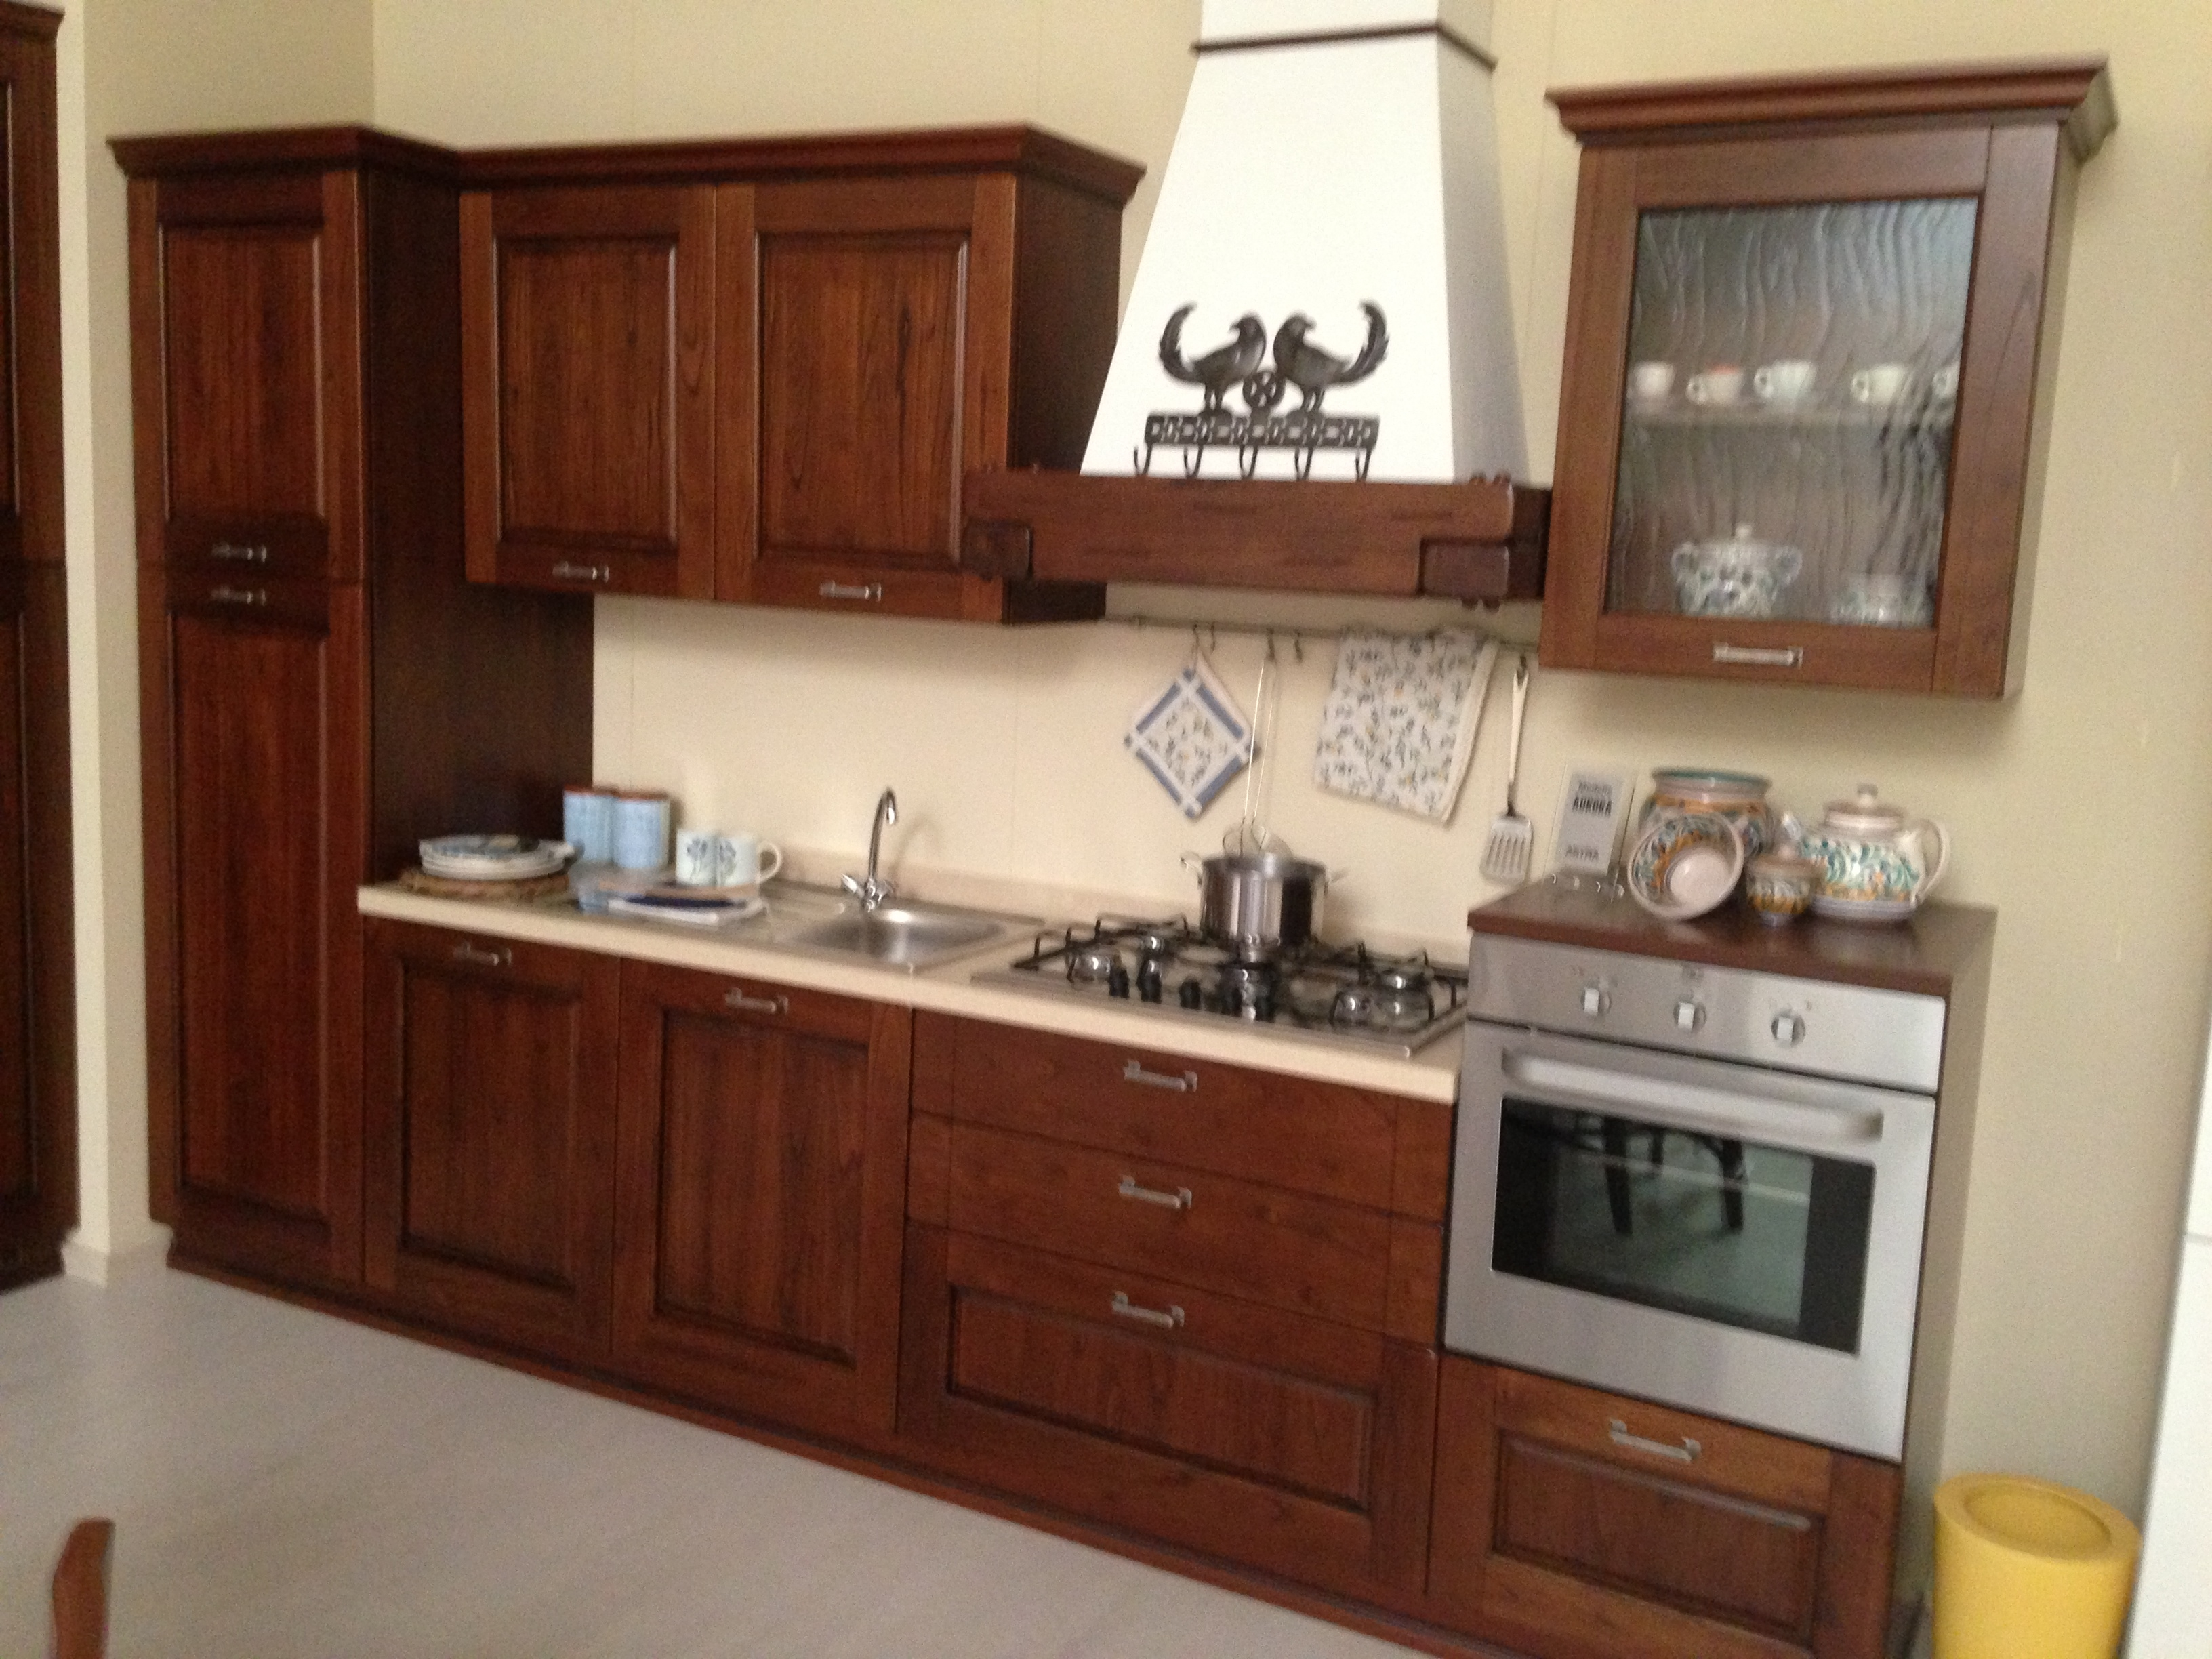 Cucina classica cm330 cucine a prezzi scontati - Colore parete cucina noce ...